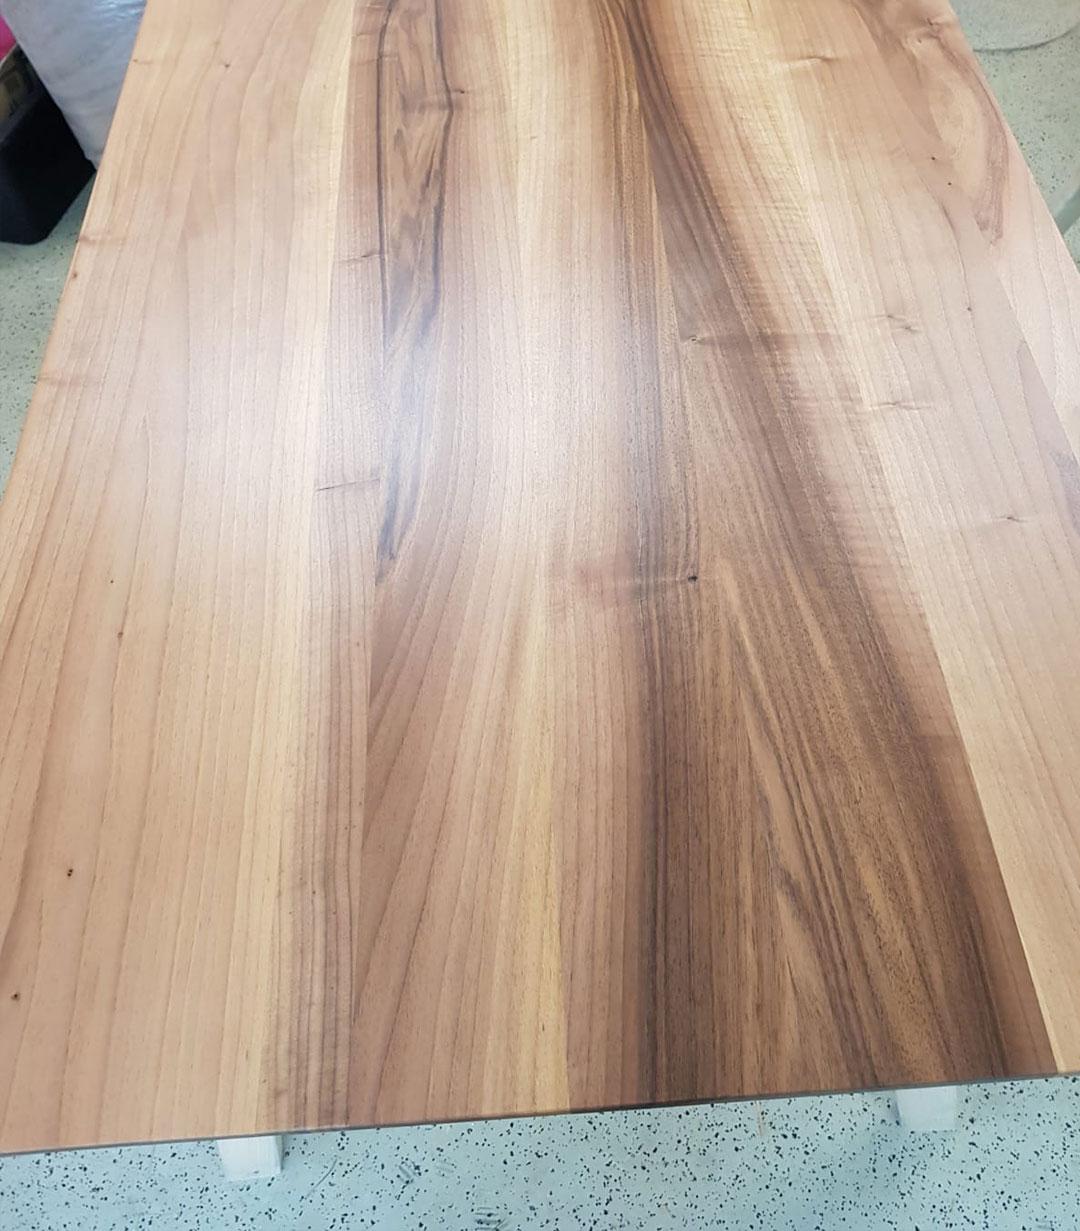 Esstisch-Platte aus Nussholz